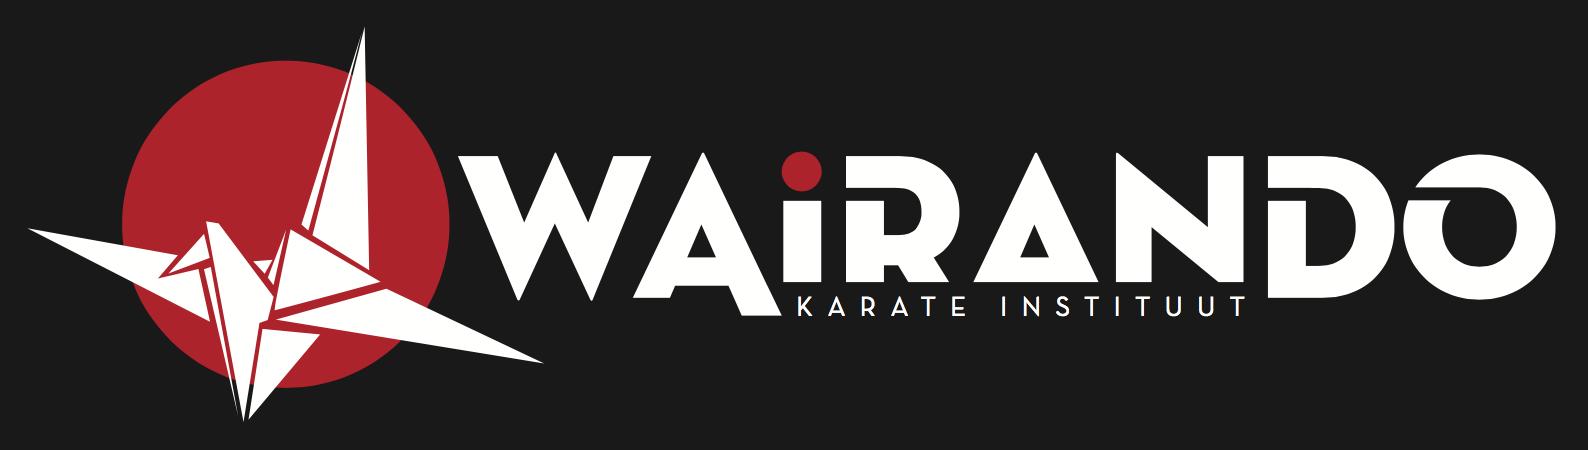 Karate Instituut Wairando